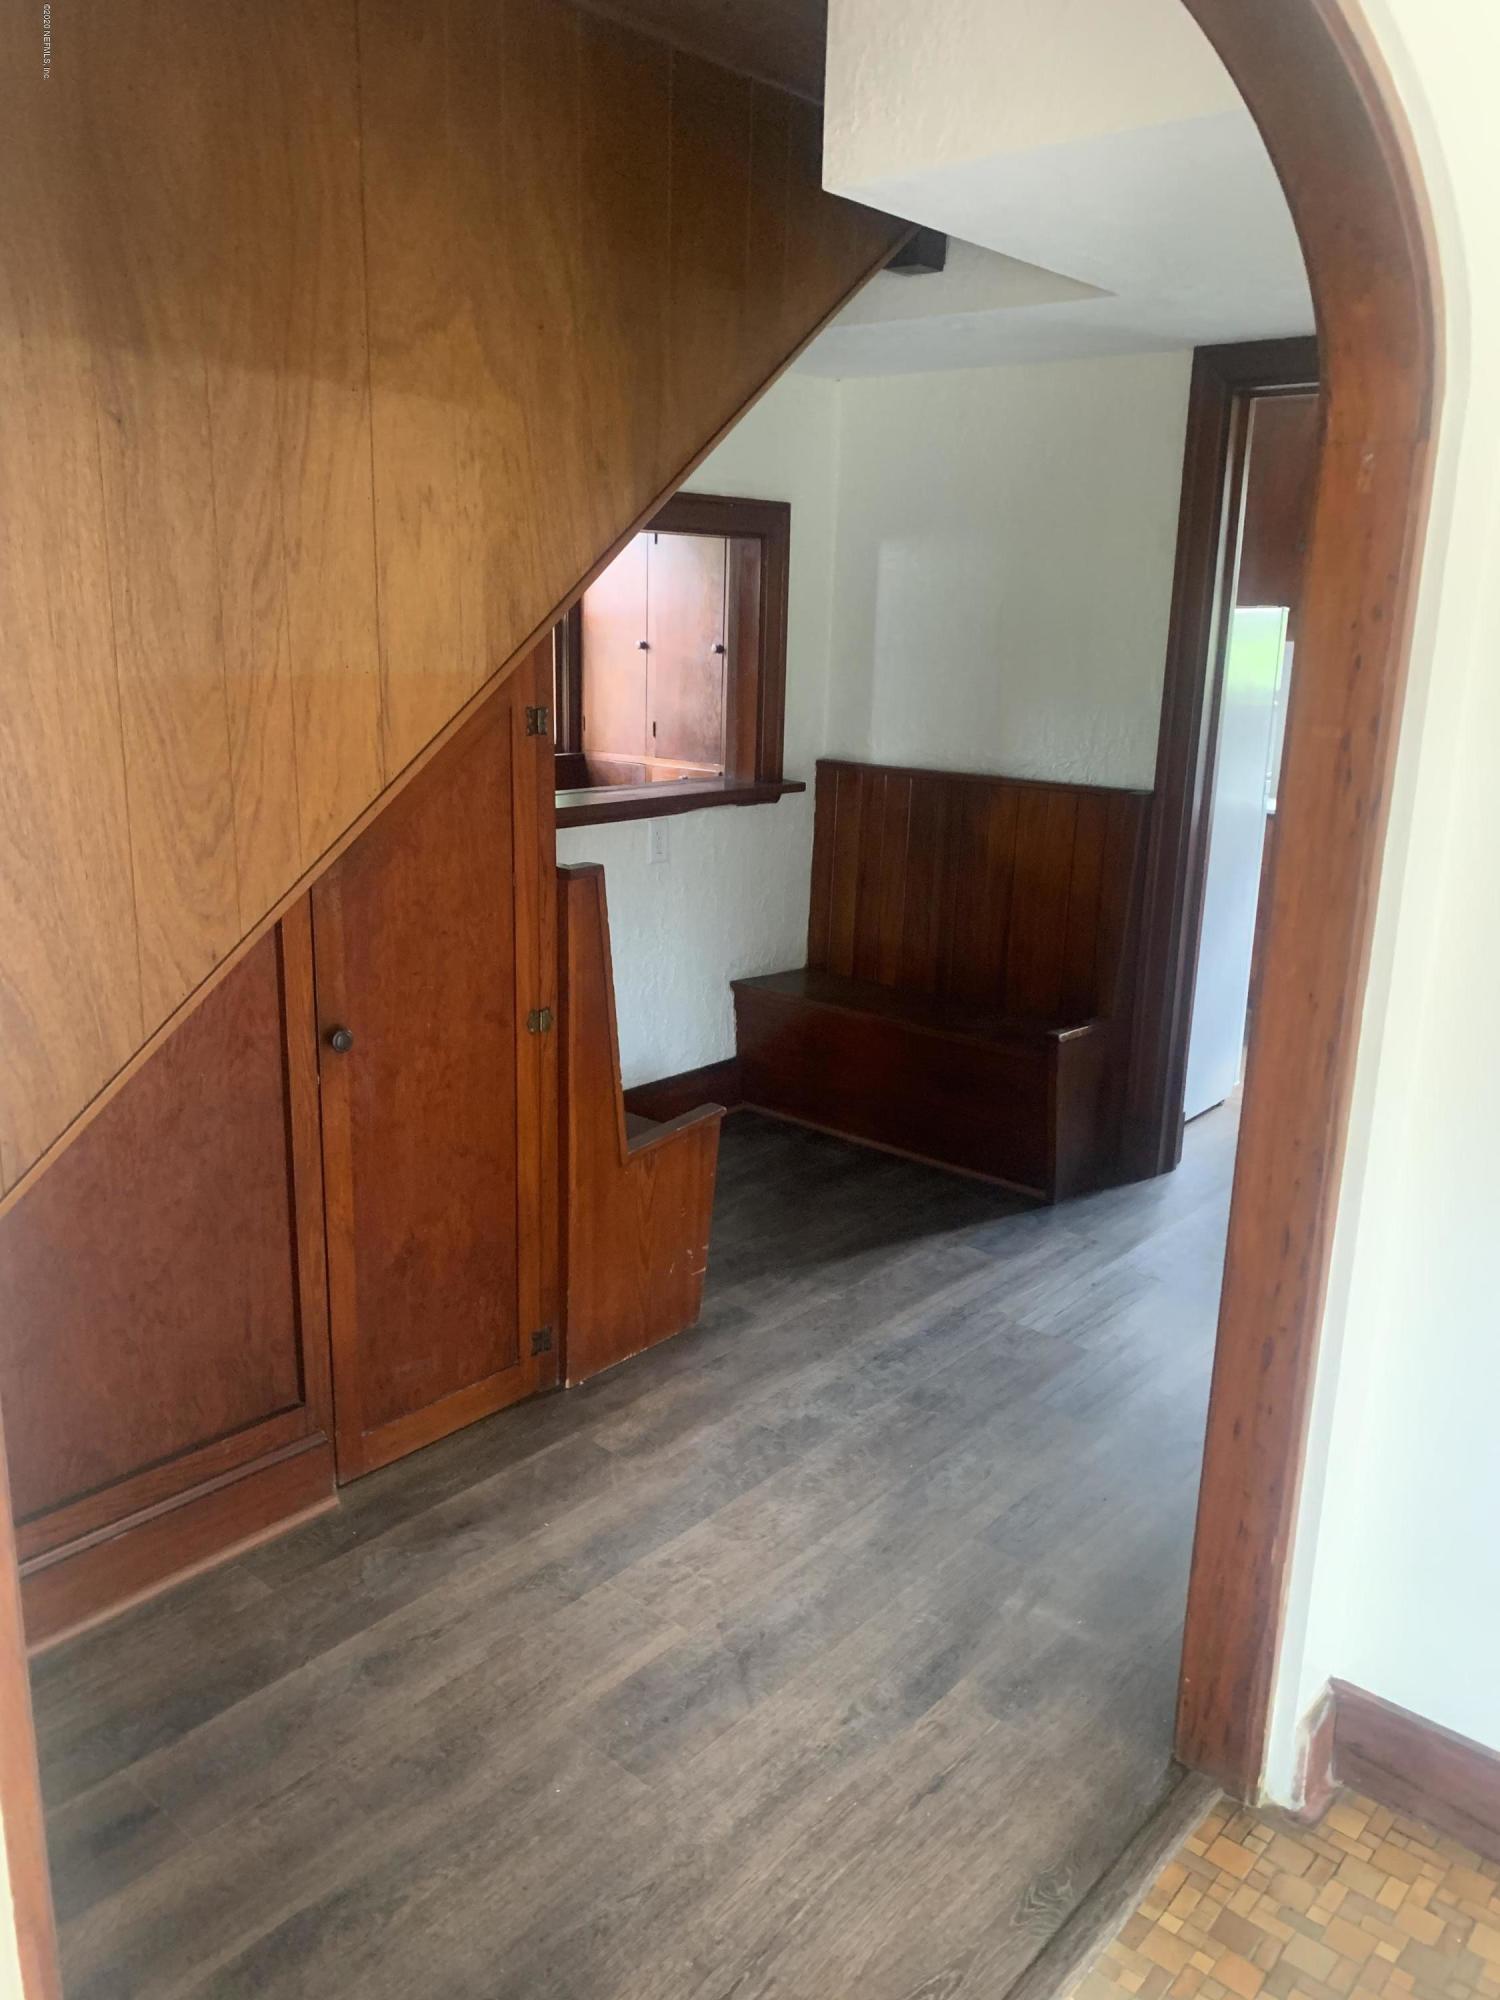 6683 OAKWOOD, JACKSONVILLE, FLORIDA 32208, 1 Bedroom Bedrooms, ,1 BathroomBathrooms,Rental,For Rent,OAKWOOD,1058992